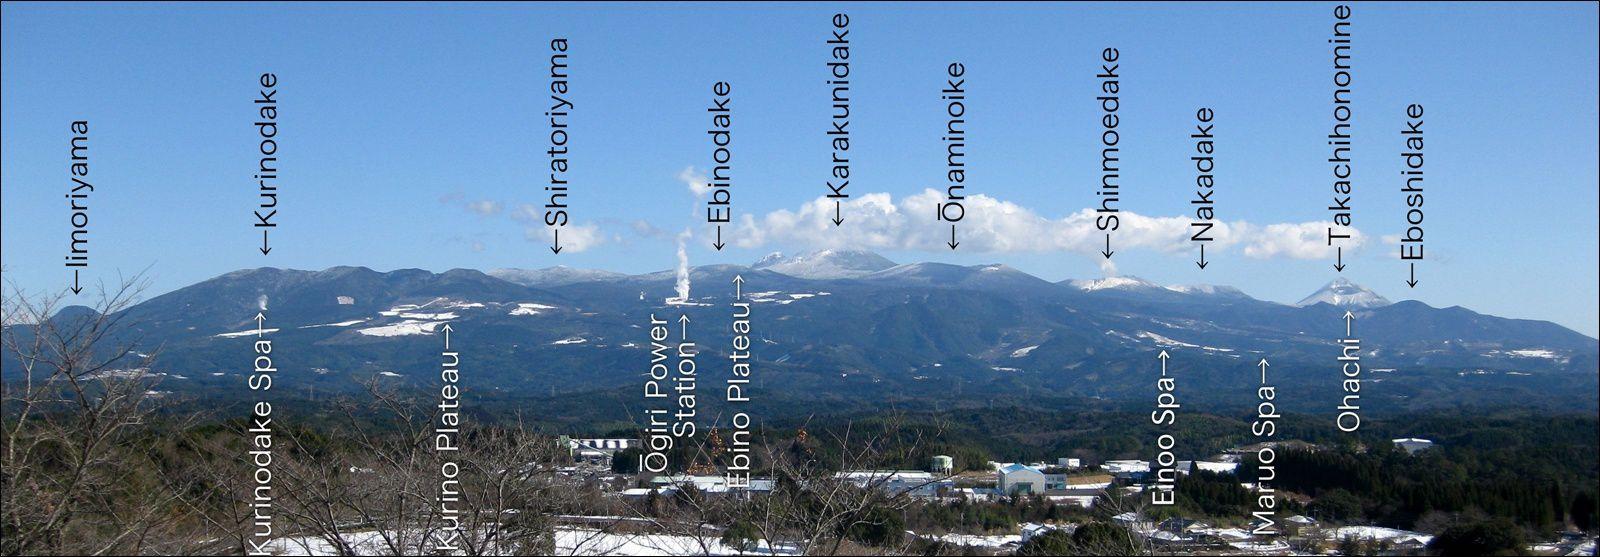 Situation du Palteau Ebino au sein du complexe Kirishima - au centre (lettres blanches) et à gauche sur la photo par rapport au Shinmoedake - Doc.© Ray_go, wikipedia